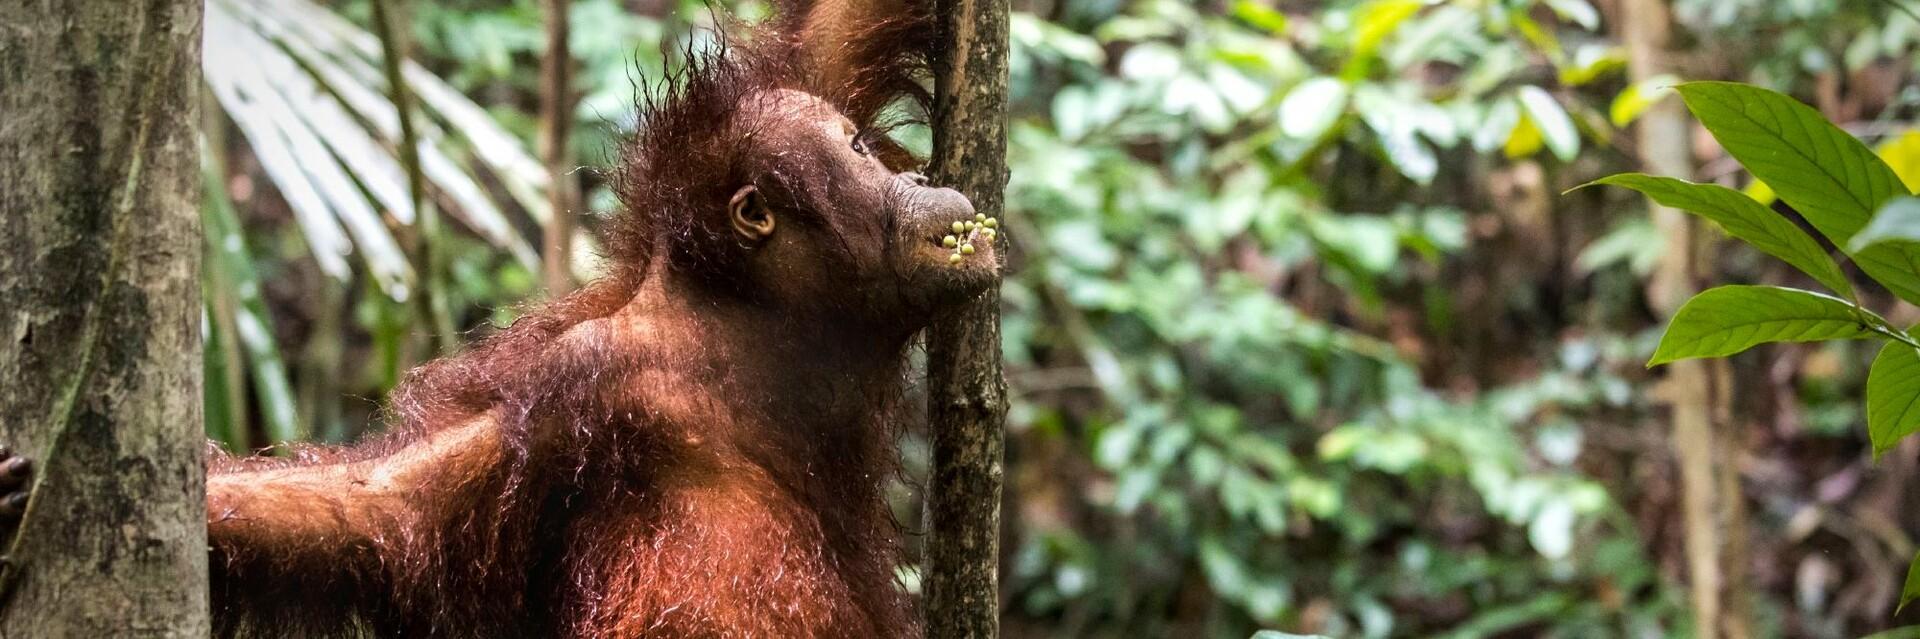 Orphan orangutan